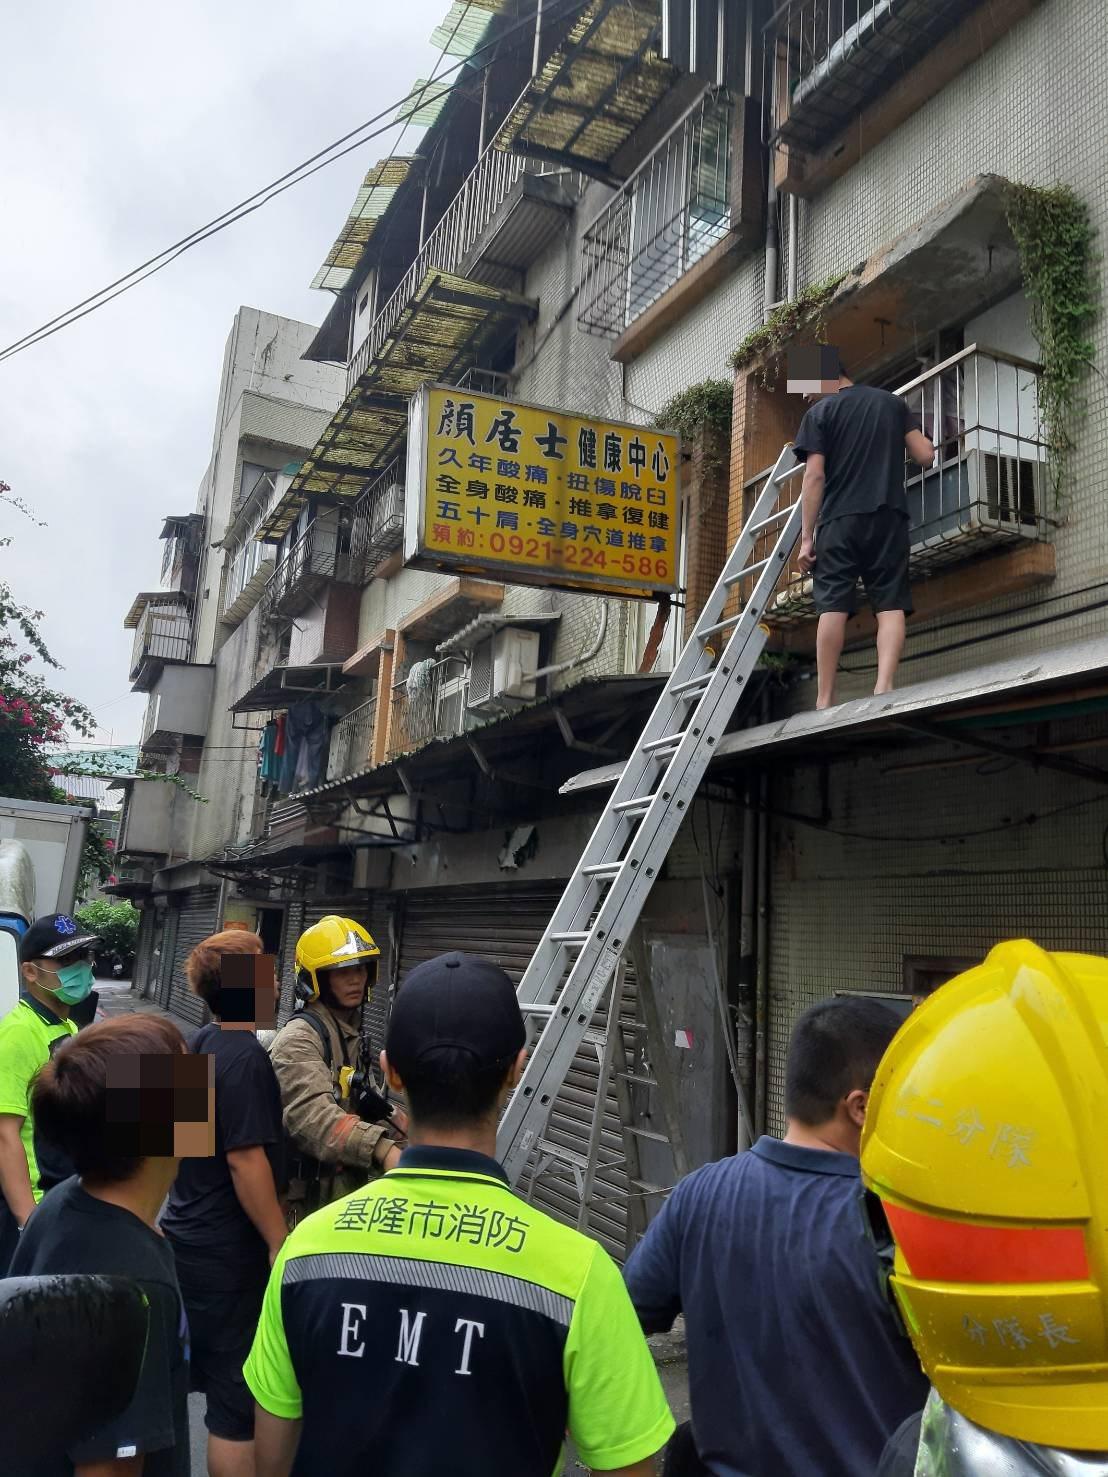 基隆市成功一路一處舊公寓今天下午4點多發生火警,消防隊員救出3名大人2名小孩共5...